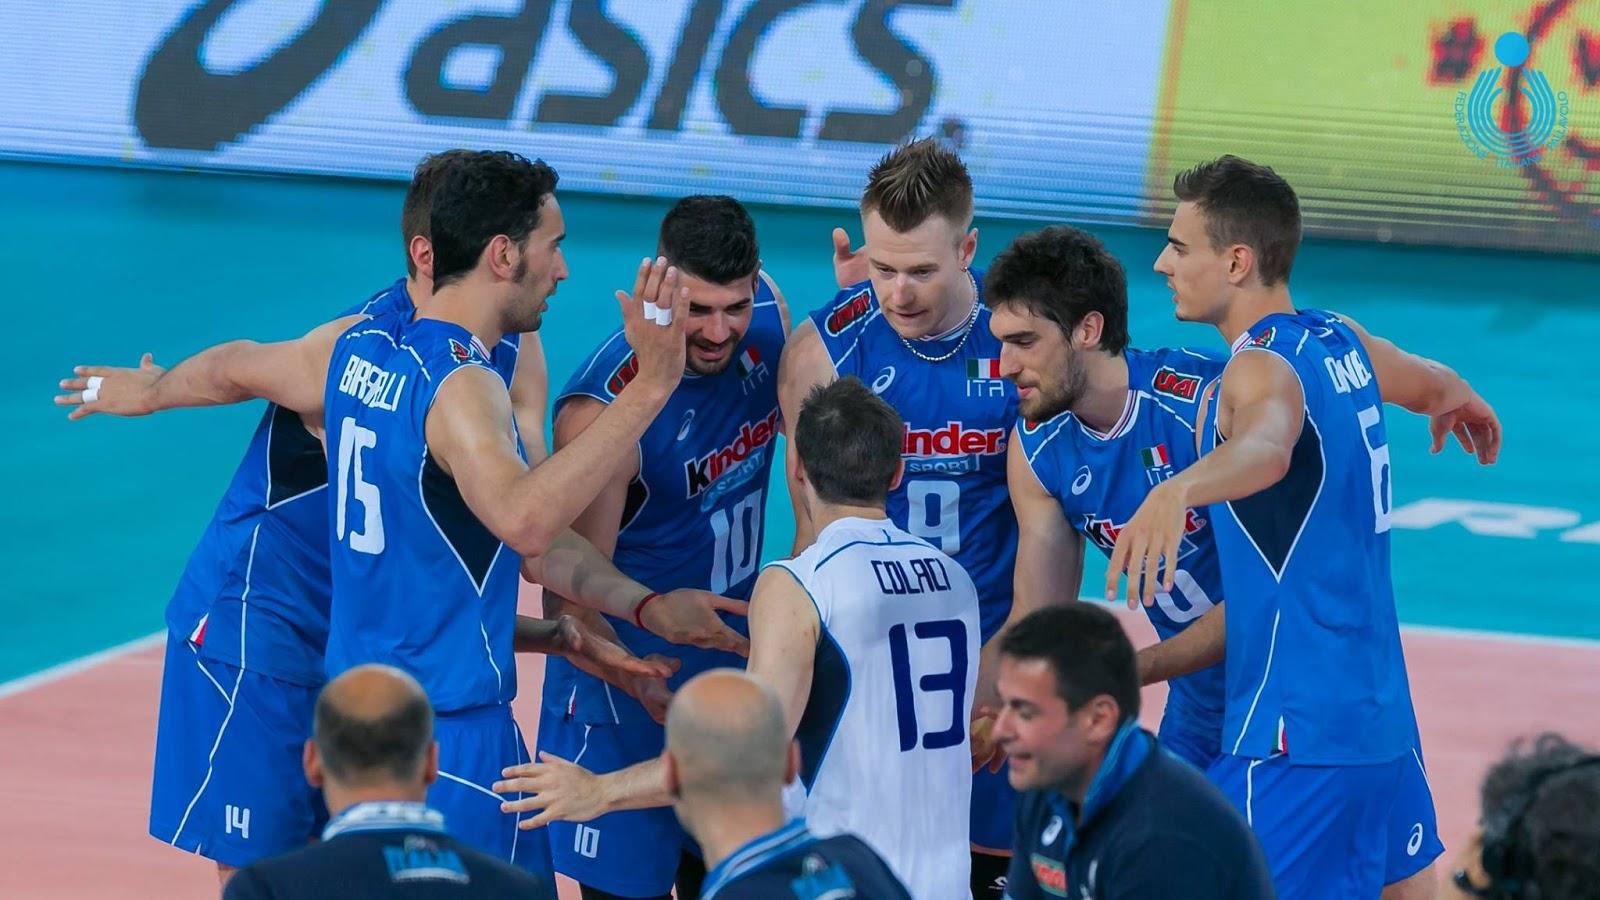 Tutte le partite della nazionale italiana di pallavolo for Piscina e maschile o femminile